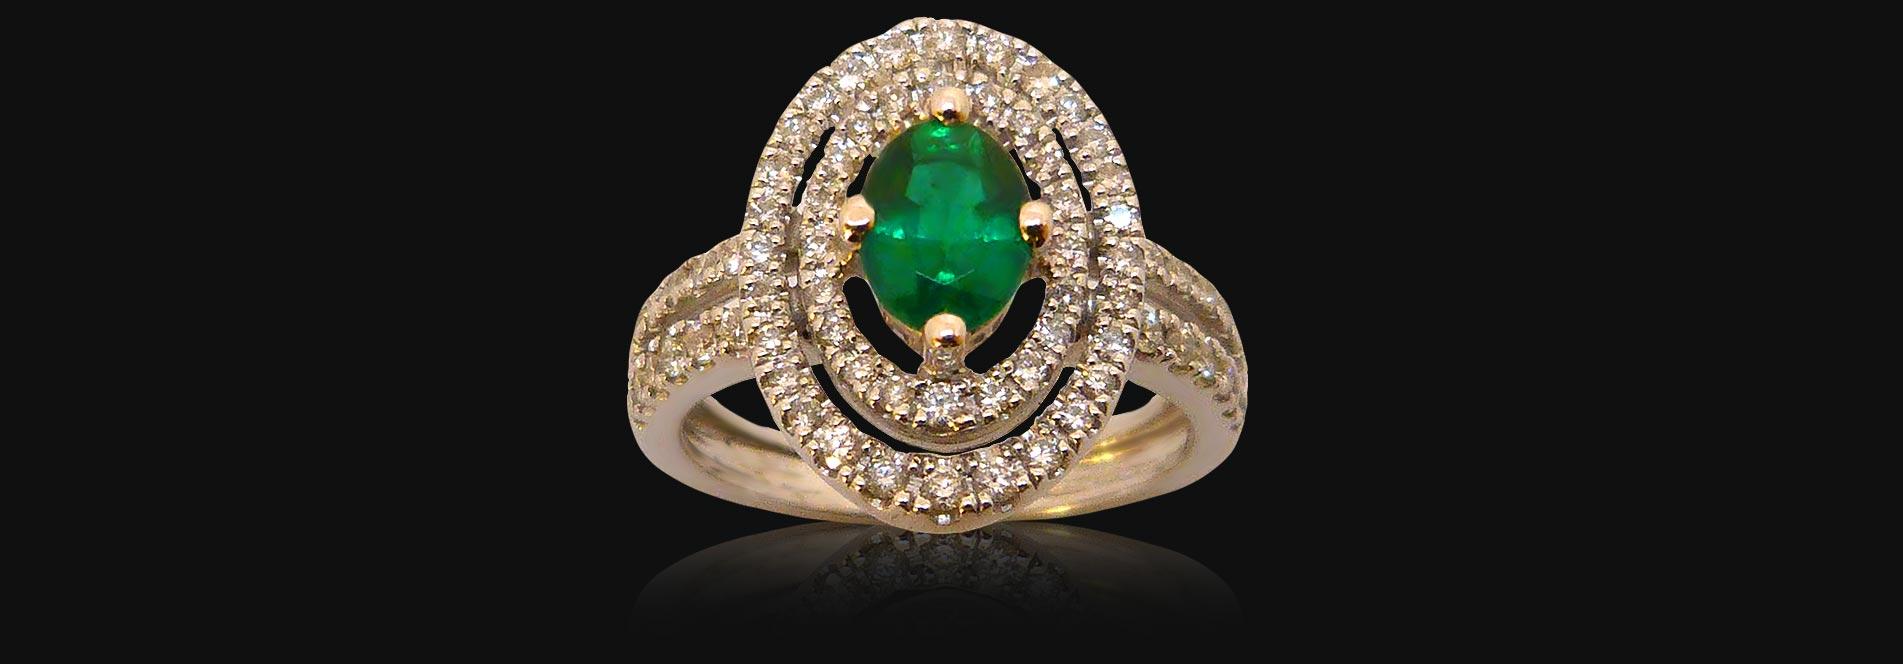 Bague or blanc de 6g40, émeraude 0,79 carat, diamants 0,60 carat - PRIX : 4280 €